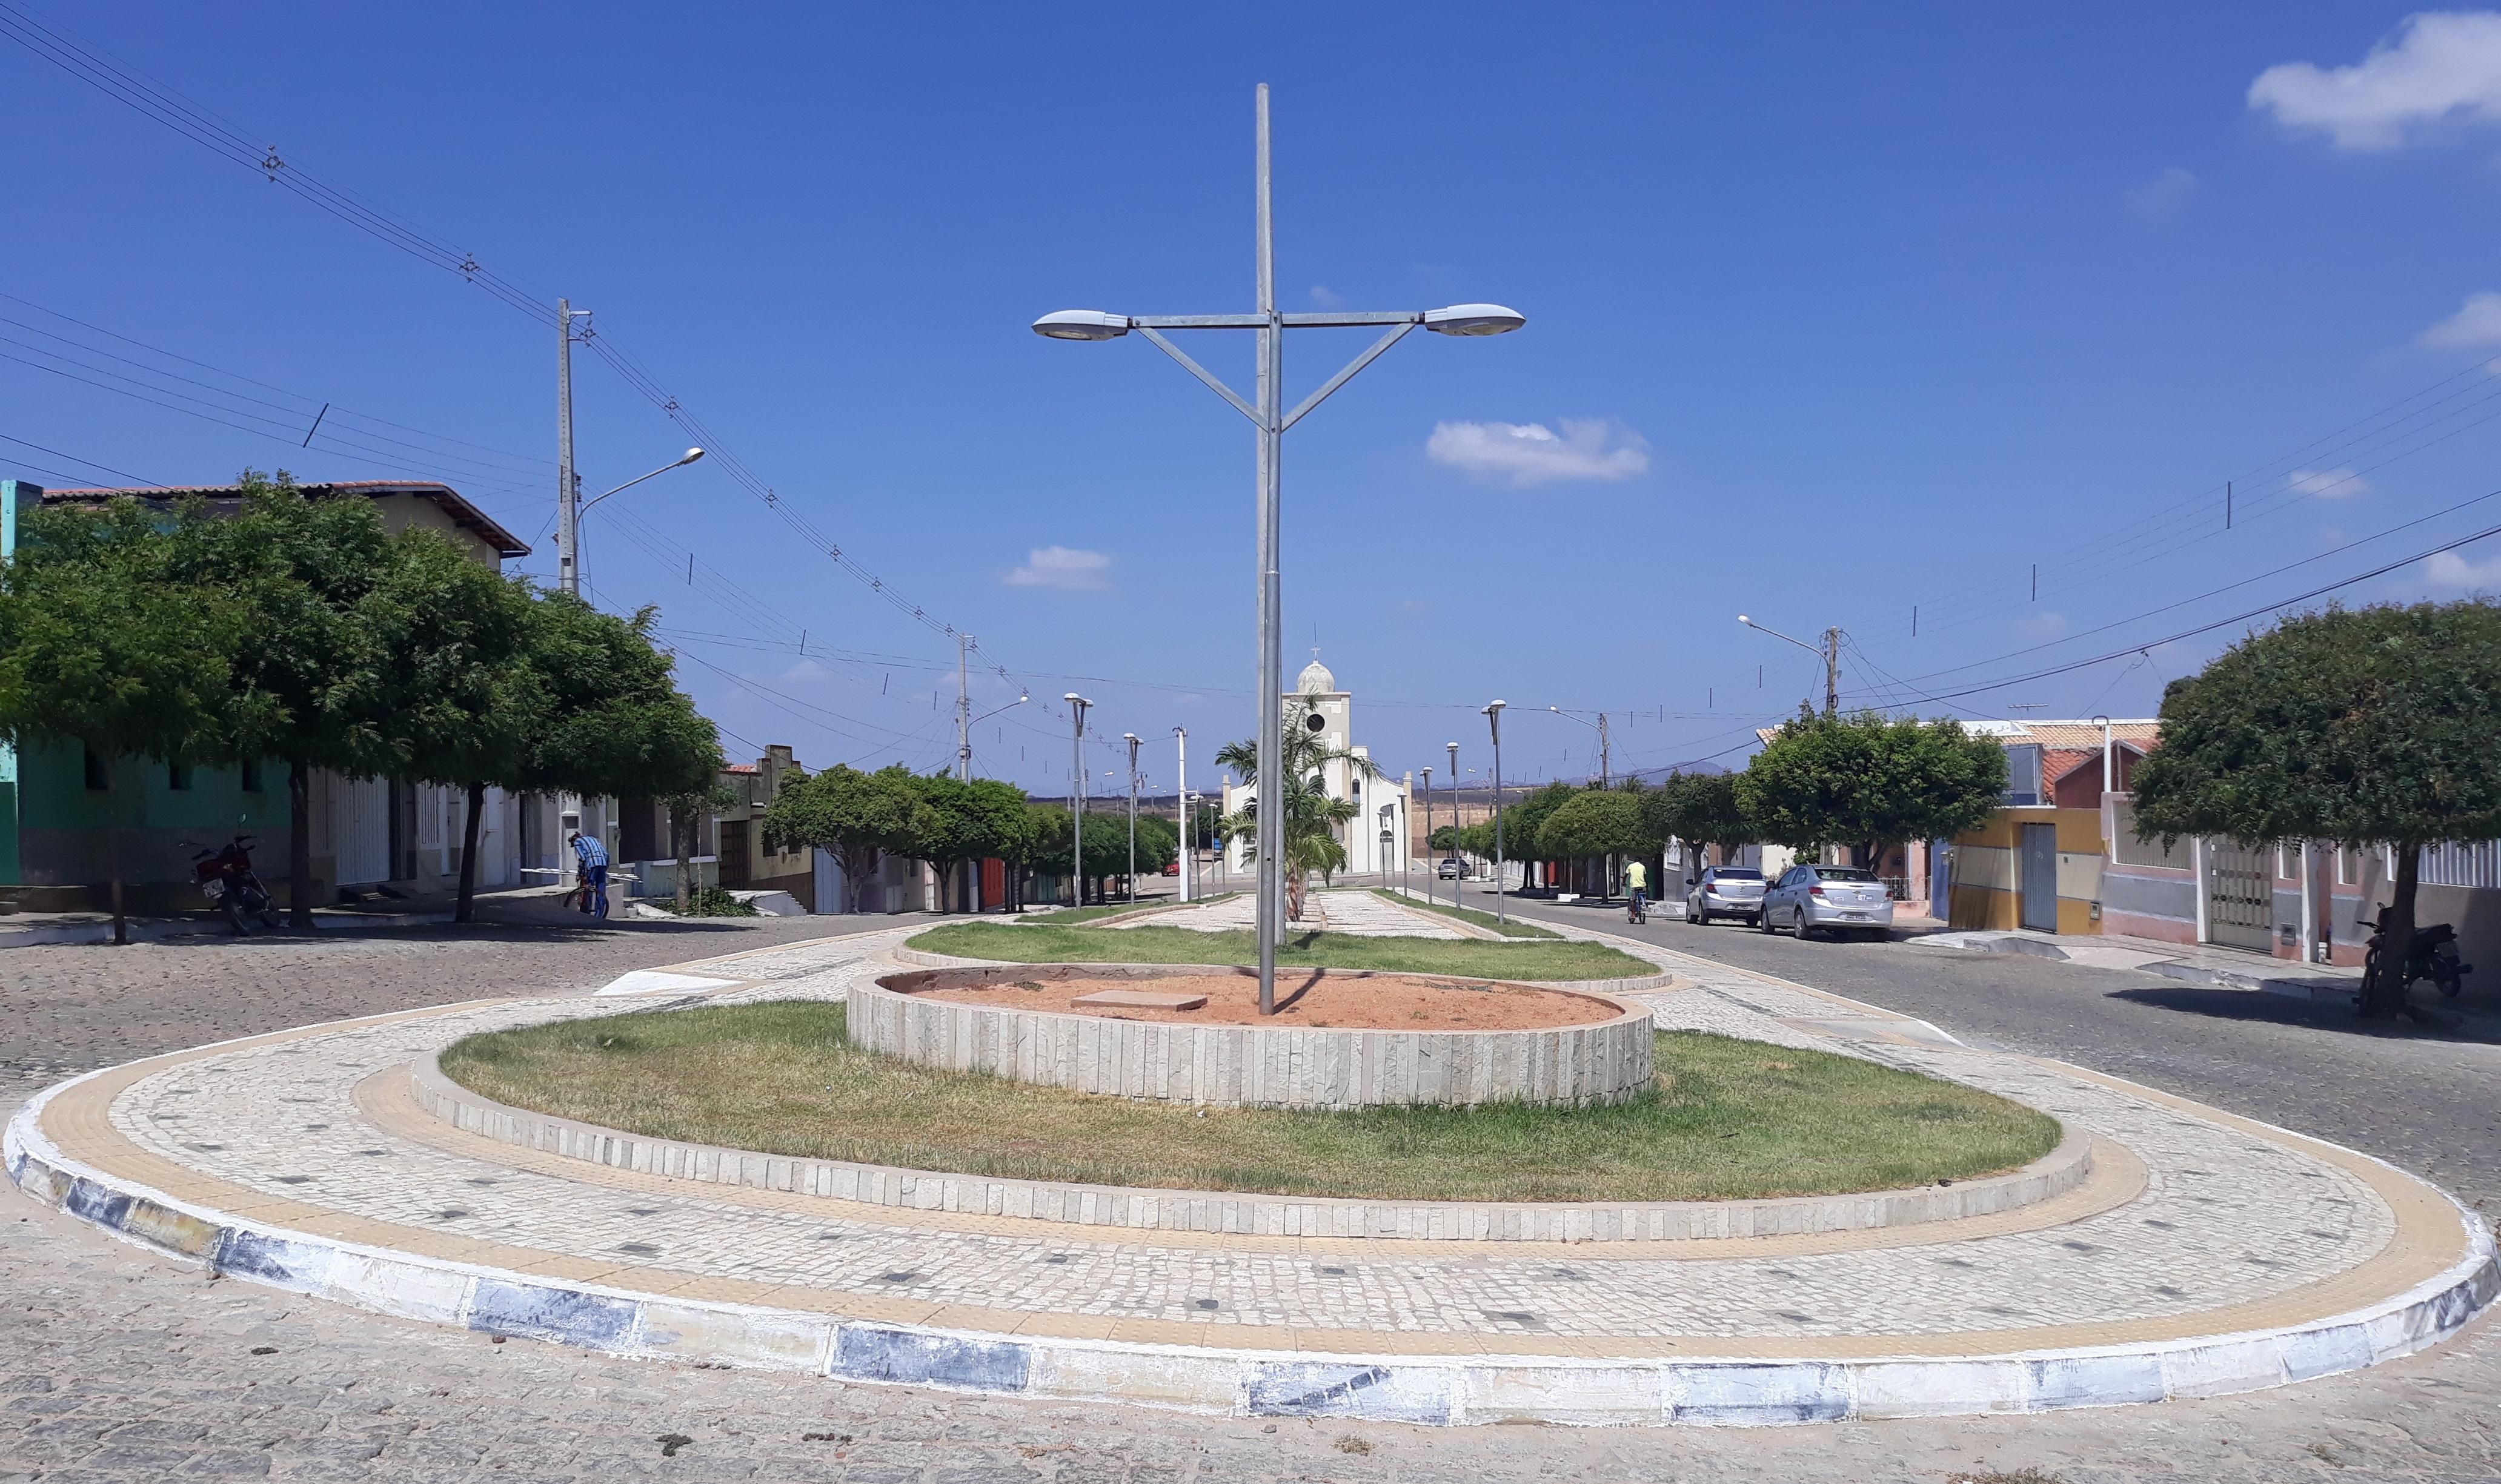 Rodolfo Fernandes Rio Grande do Norte fonte: upload.wikimedia.org